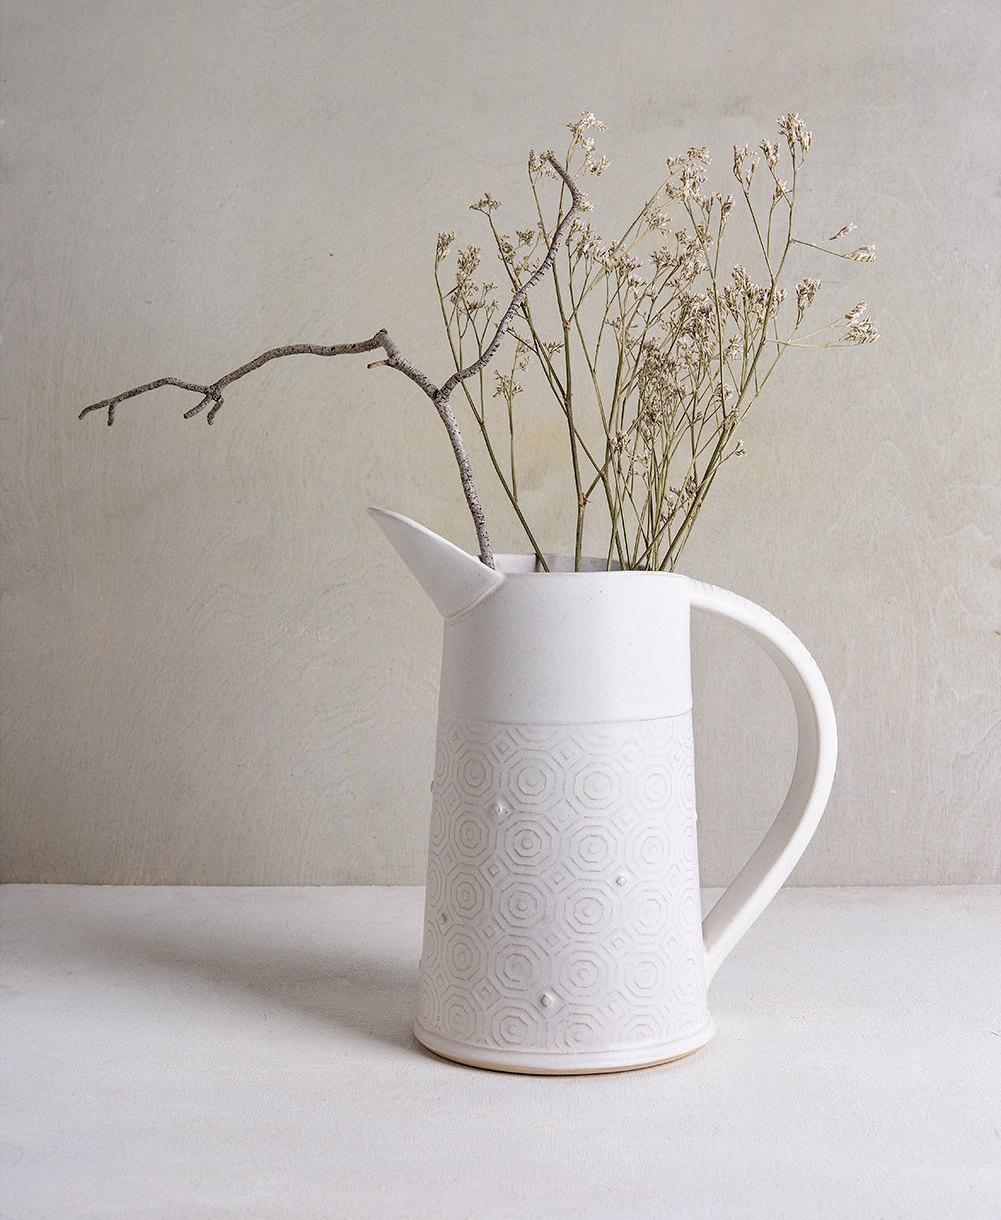 Decorative Jugs And Vases White Ceramic Vase Geometric Flower Vase Ceramic Design